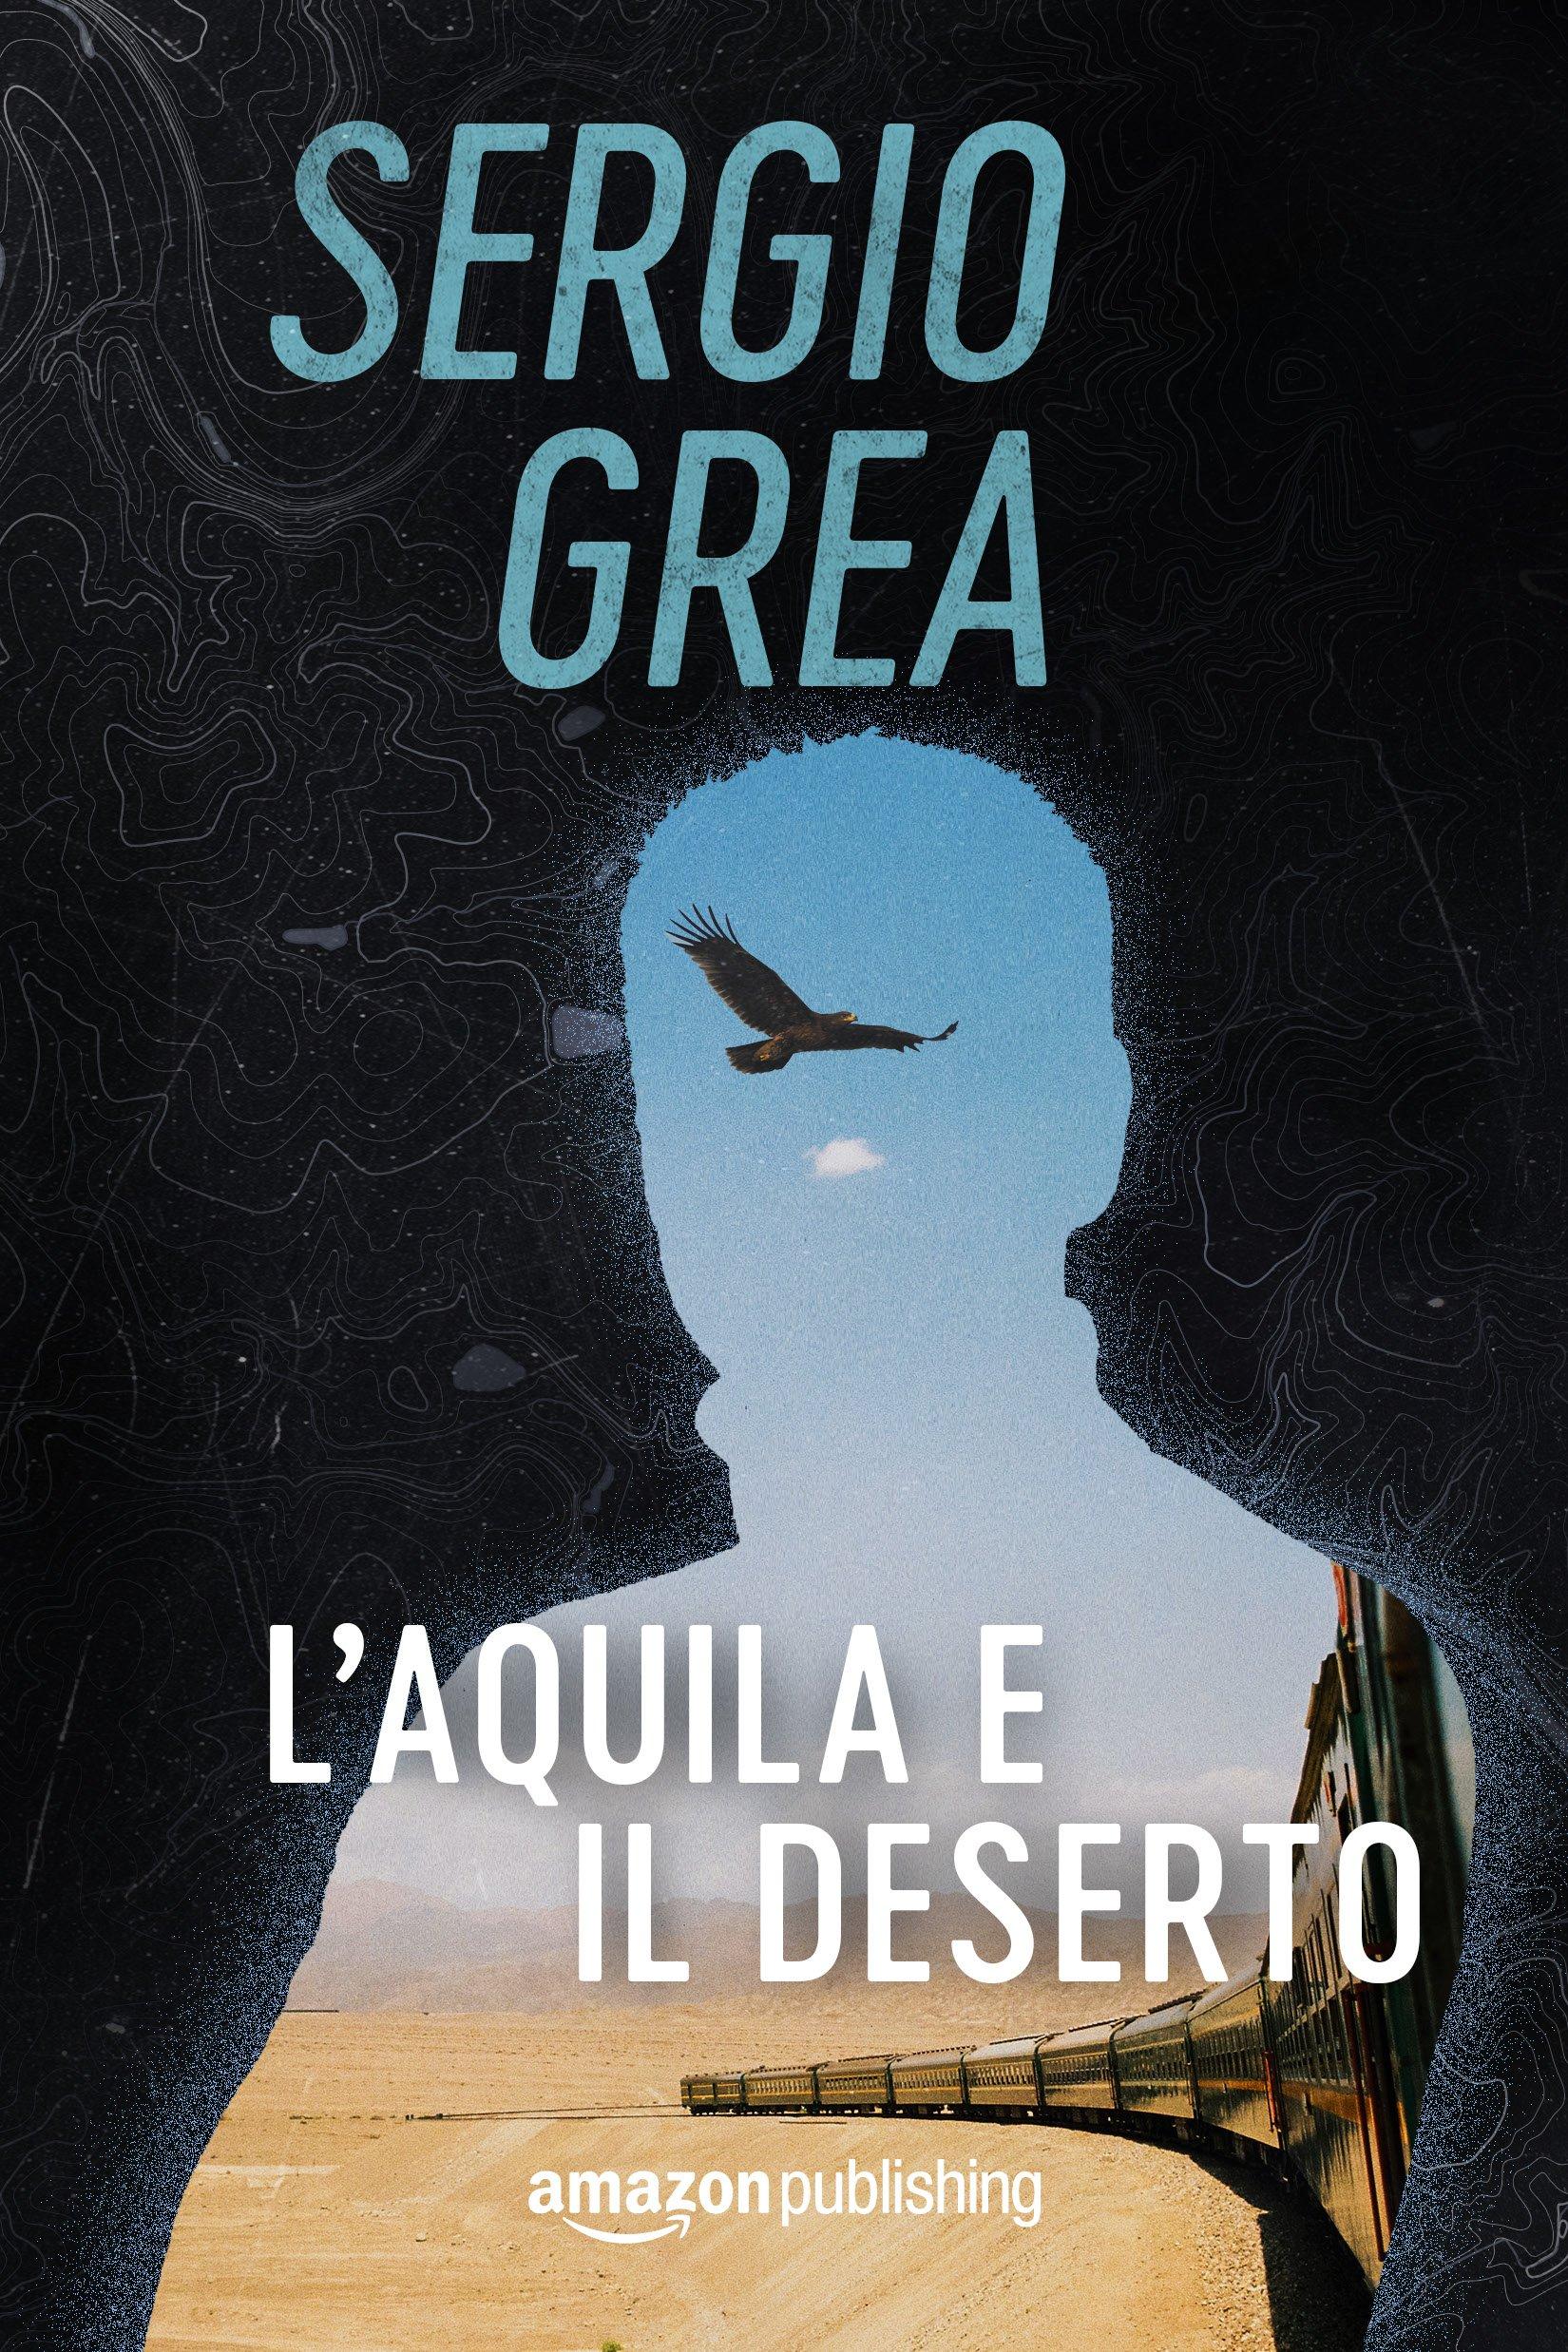 L'aquila e il deserto Copertina flessibile – 2 ott 2018 Sergio Grea L' aquila e il deserto Amazon Publishing 1503900150